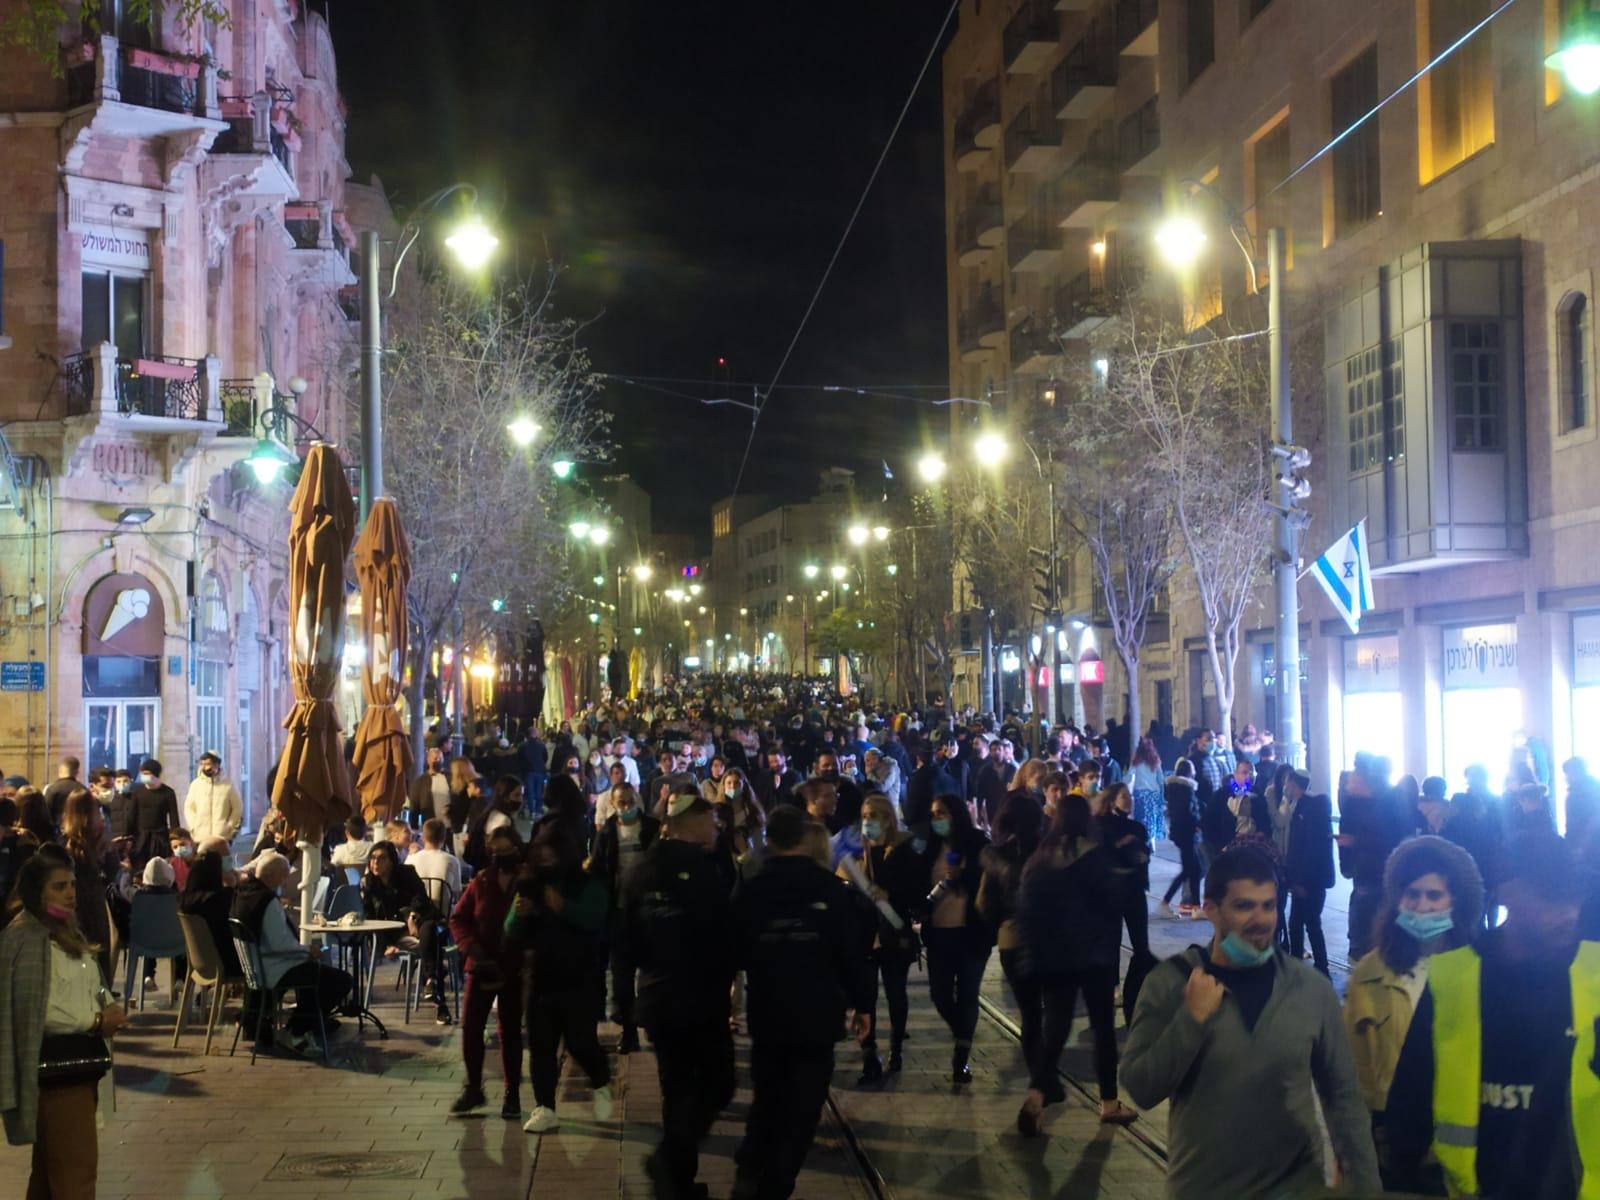 ערב יום העצמאות במרכז העיר ירושלים 2021 (צילום: שלומי הלר)